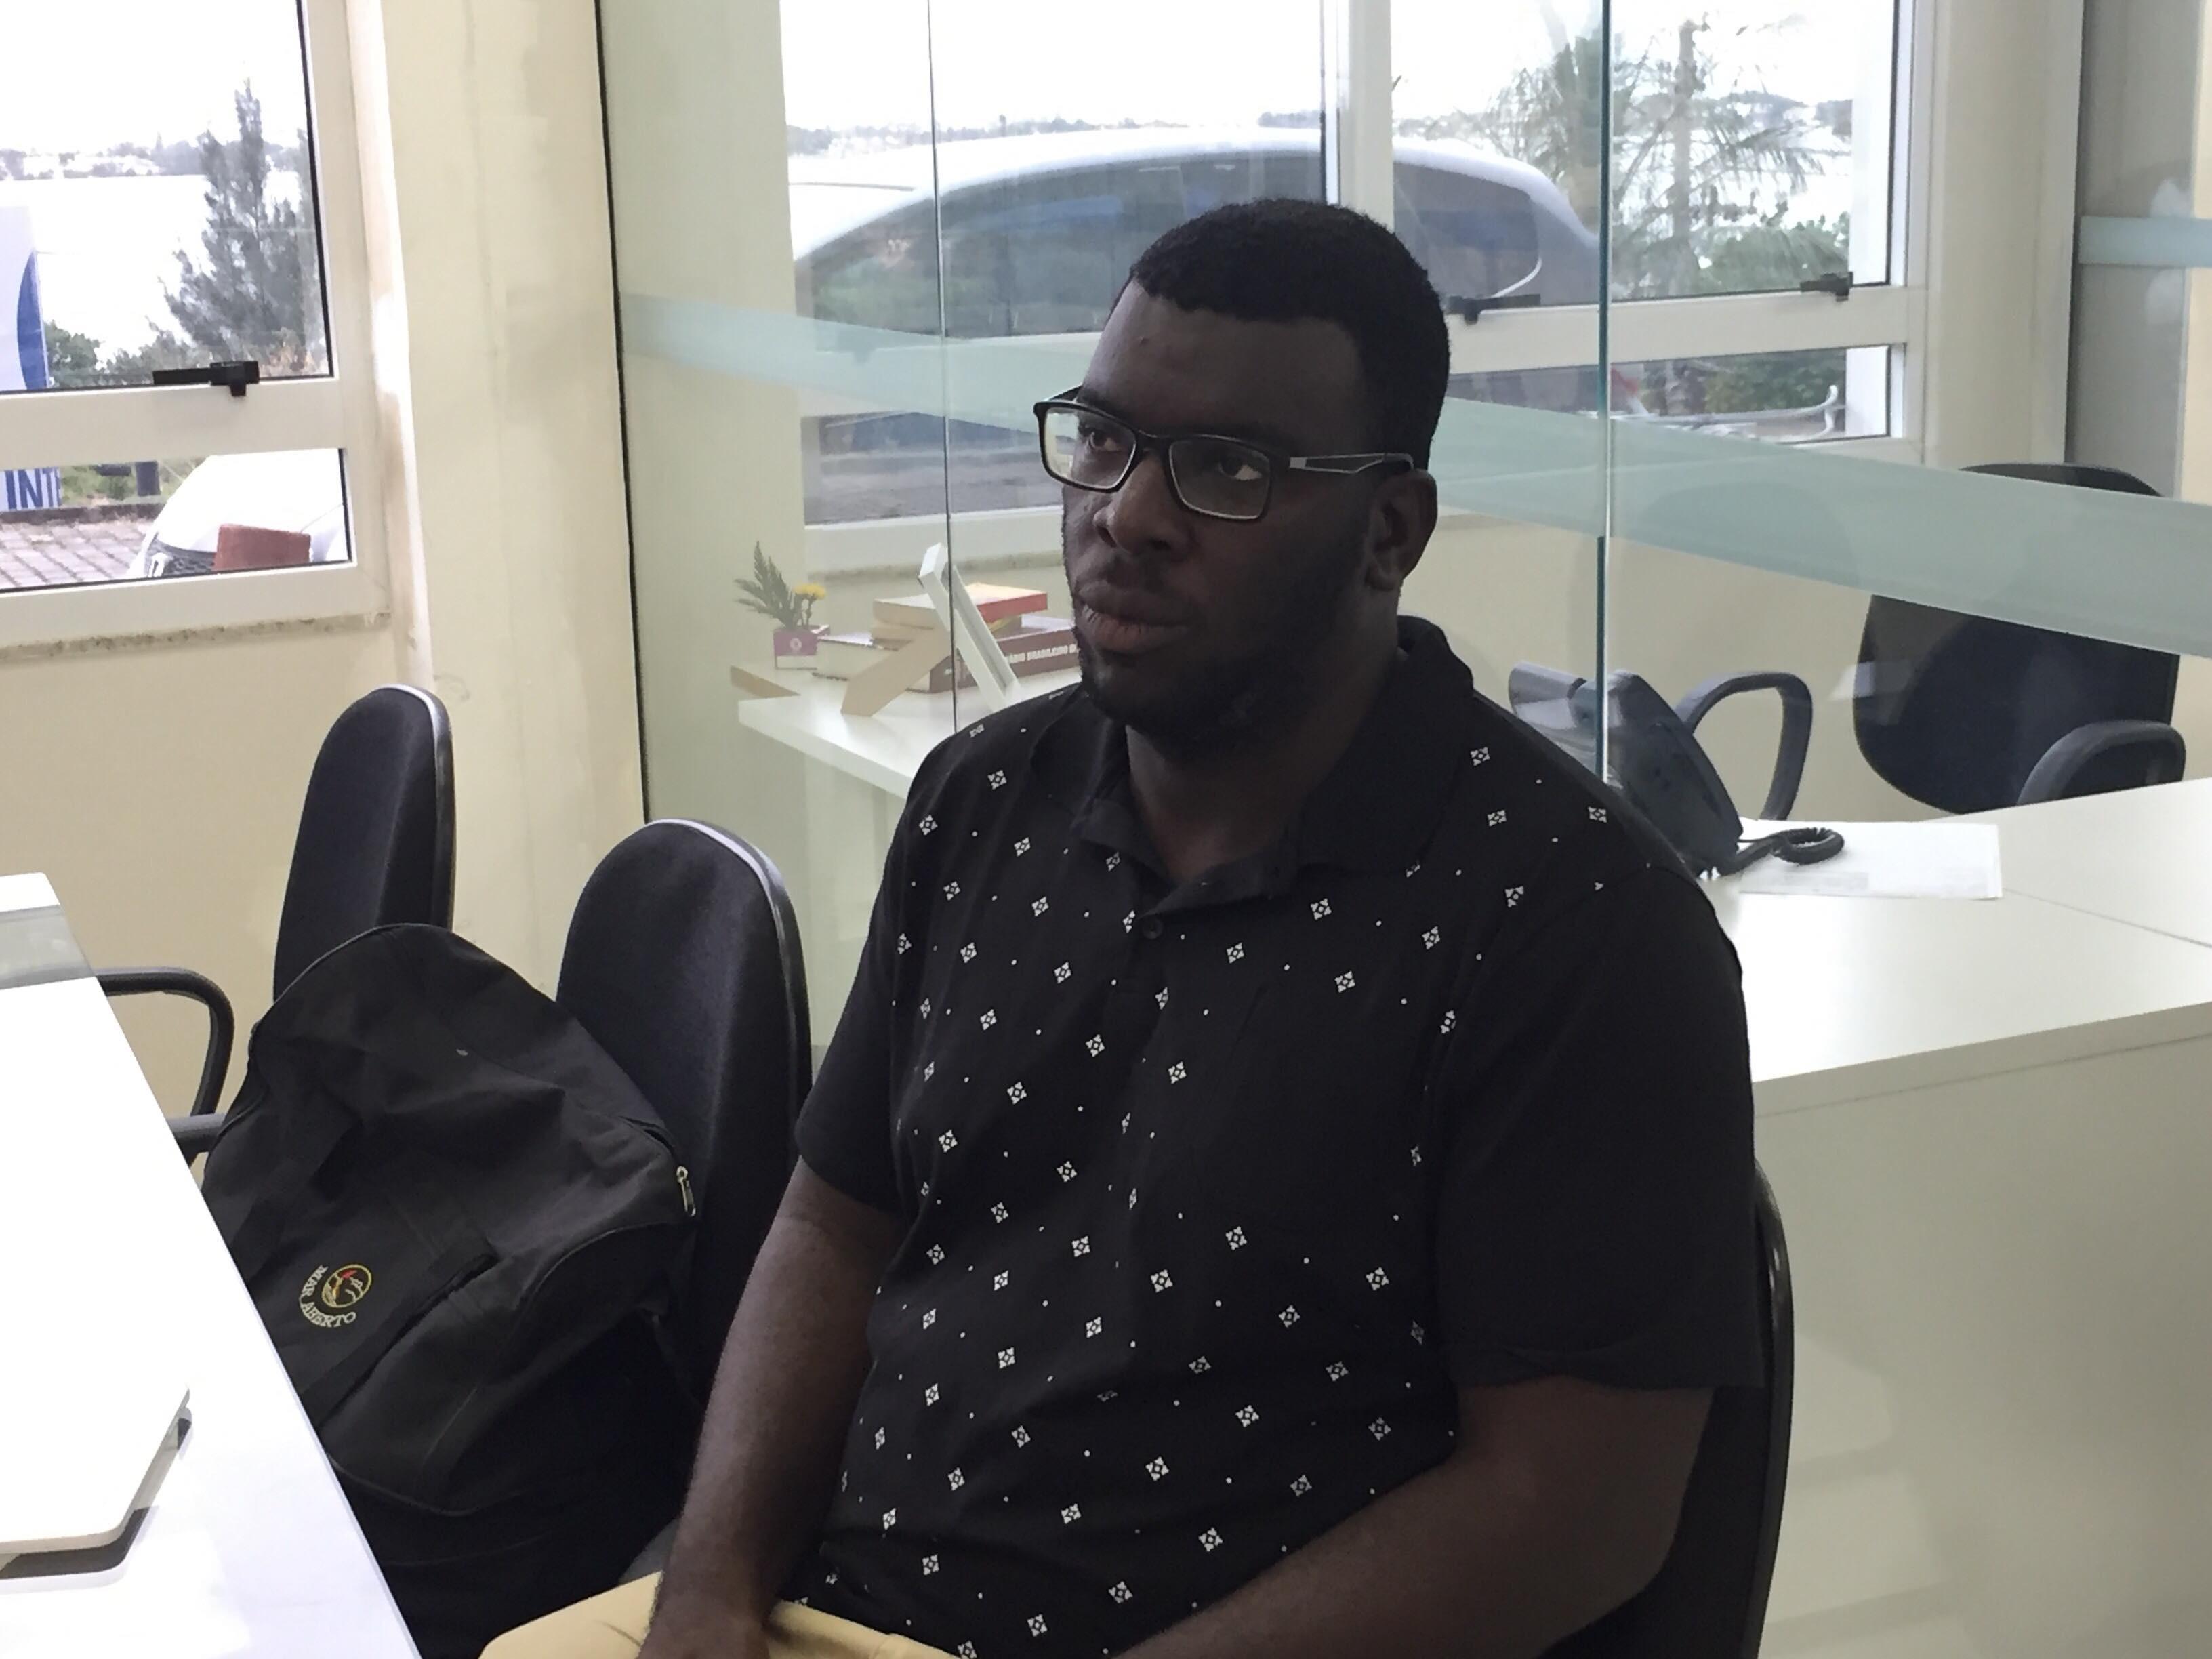 Professor agredido em sala de aula no RJ revela que sente falta de ensinar e que aprendeu com a dor - Radio Evangelho Gospel